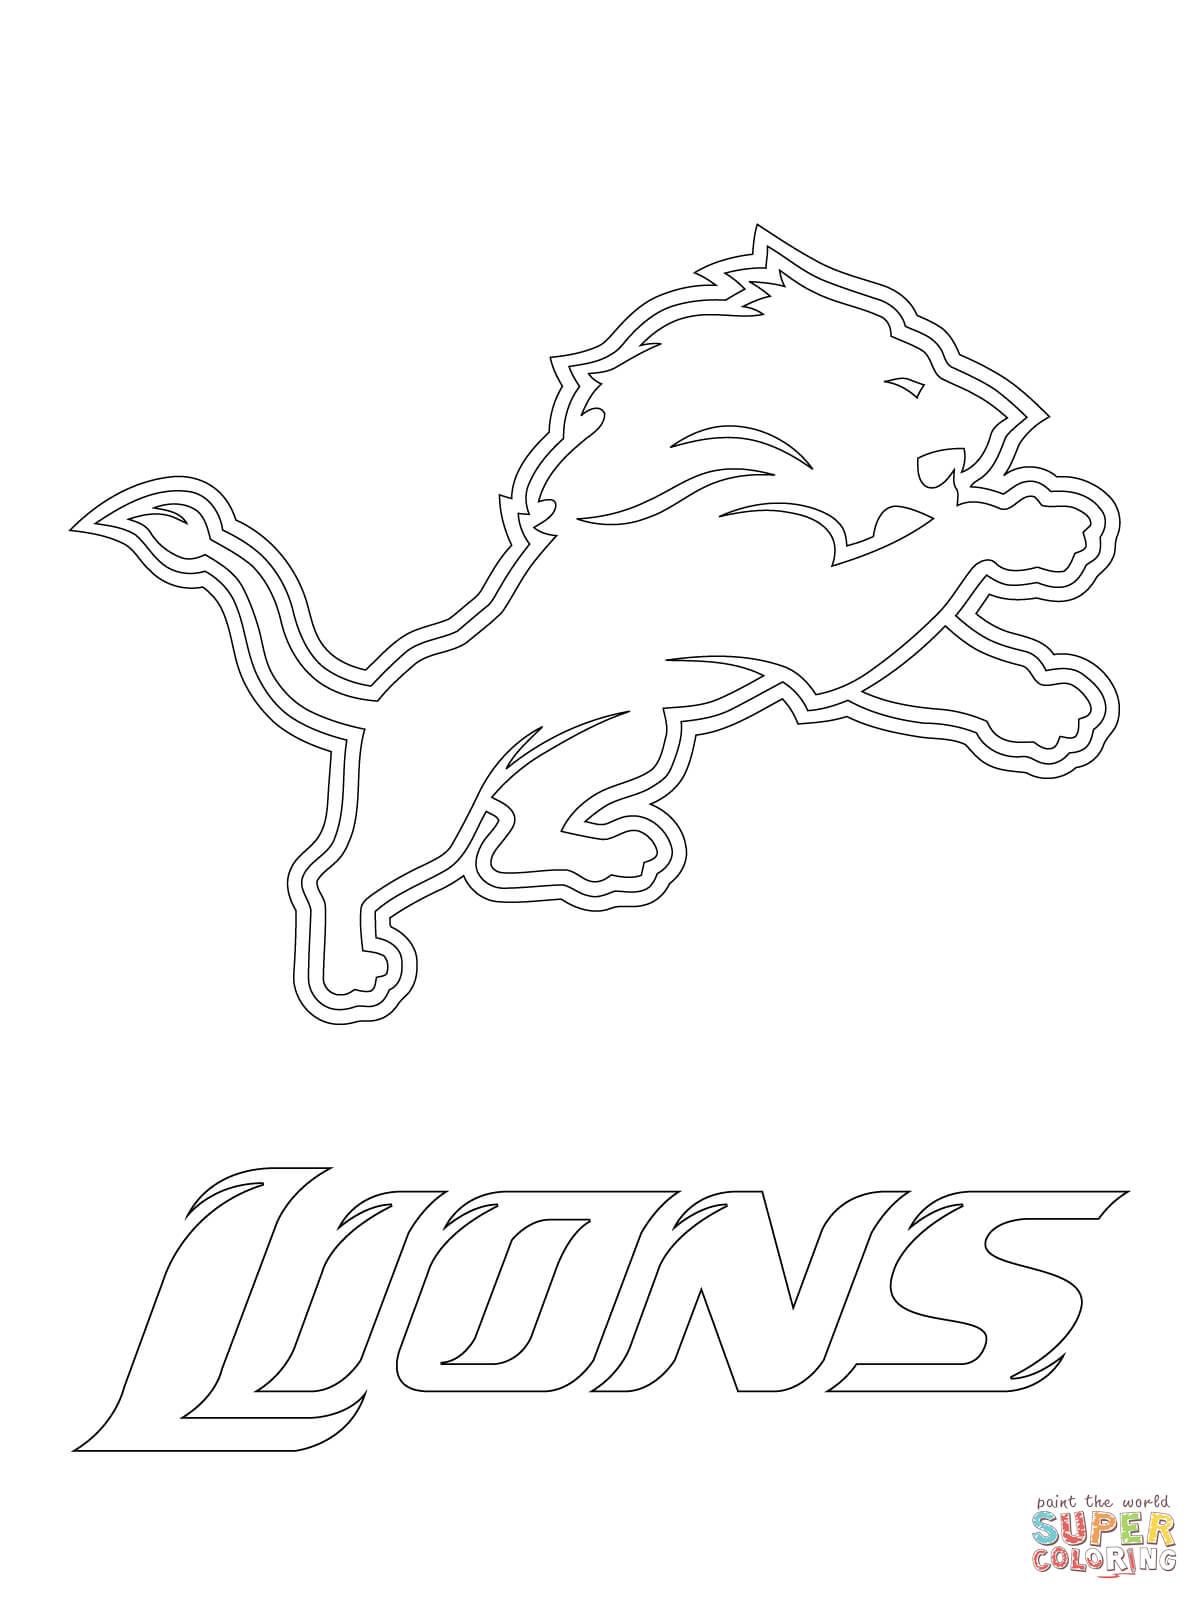 Lions coloring pictures - Detroit Lions Logo Coloring Page